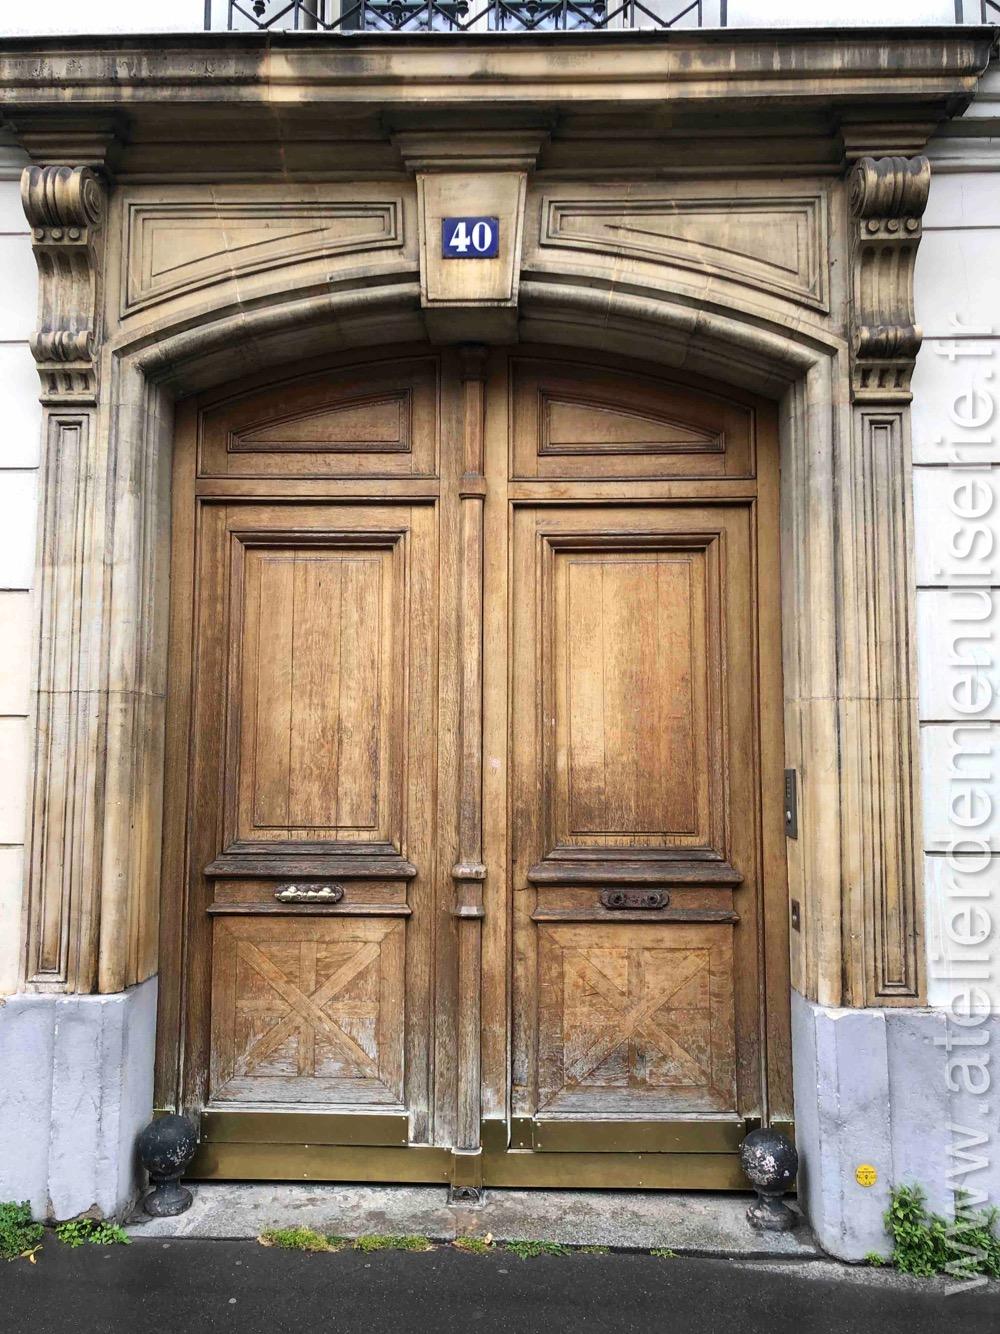 Porte Cochère - 40 RUE CORIOLS PARIS 12